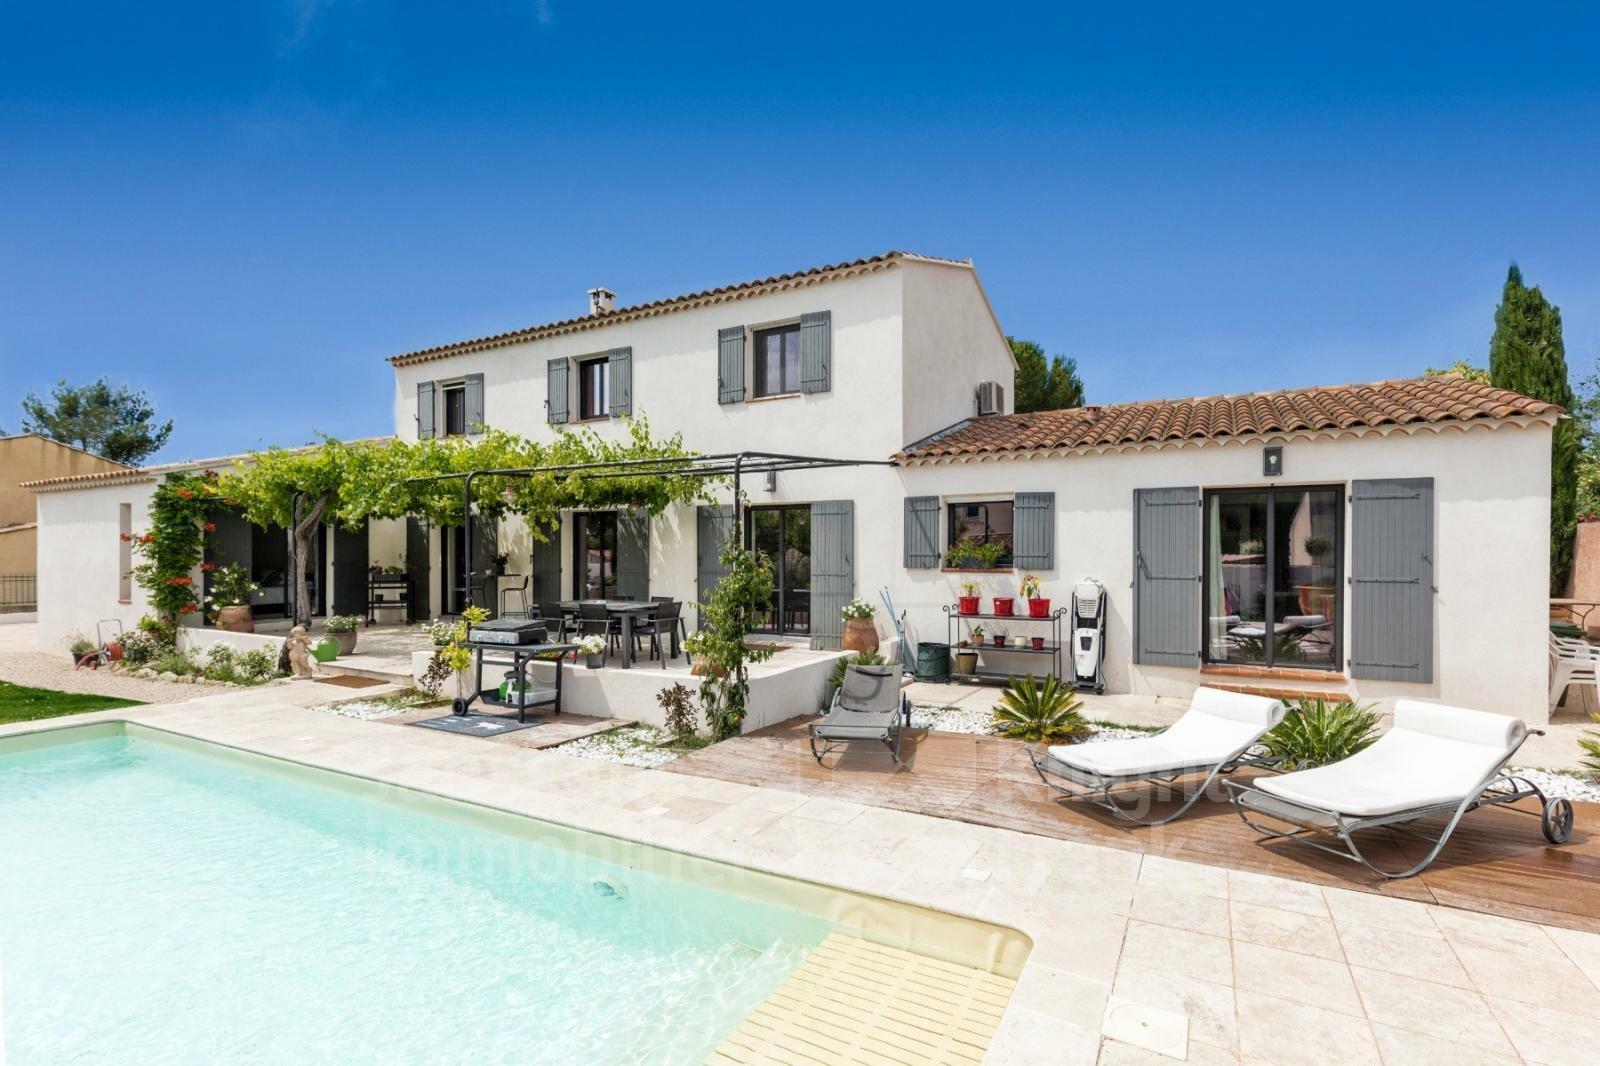 Villa in Maussane-les-Alpilles, Provence-Alpes-Côte d'Azur, France 1